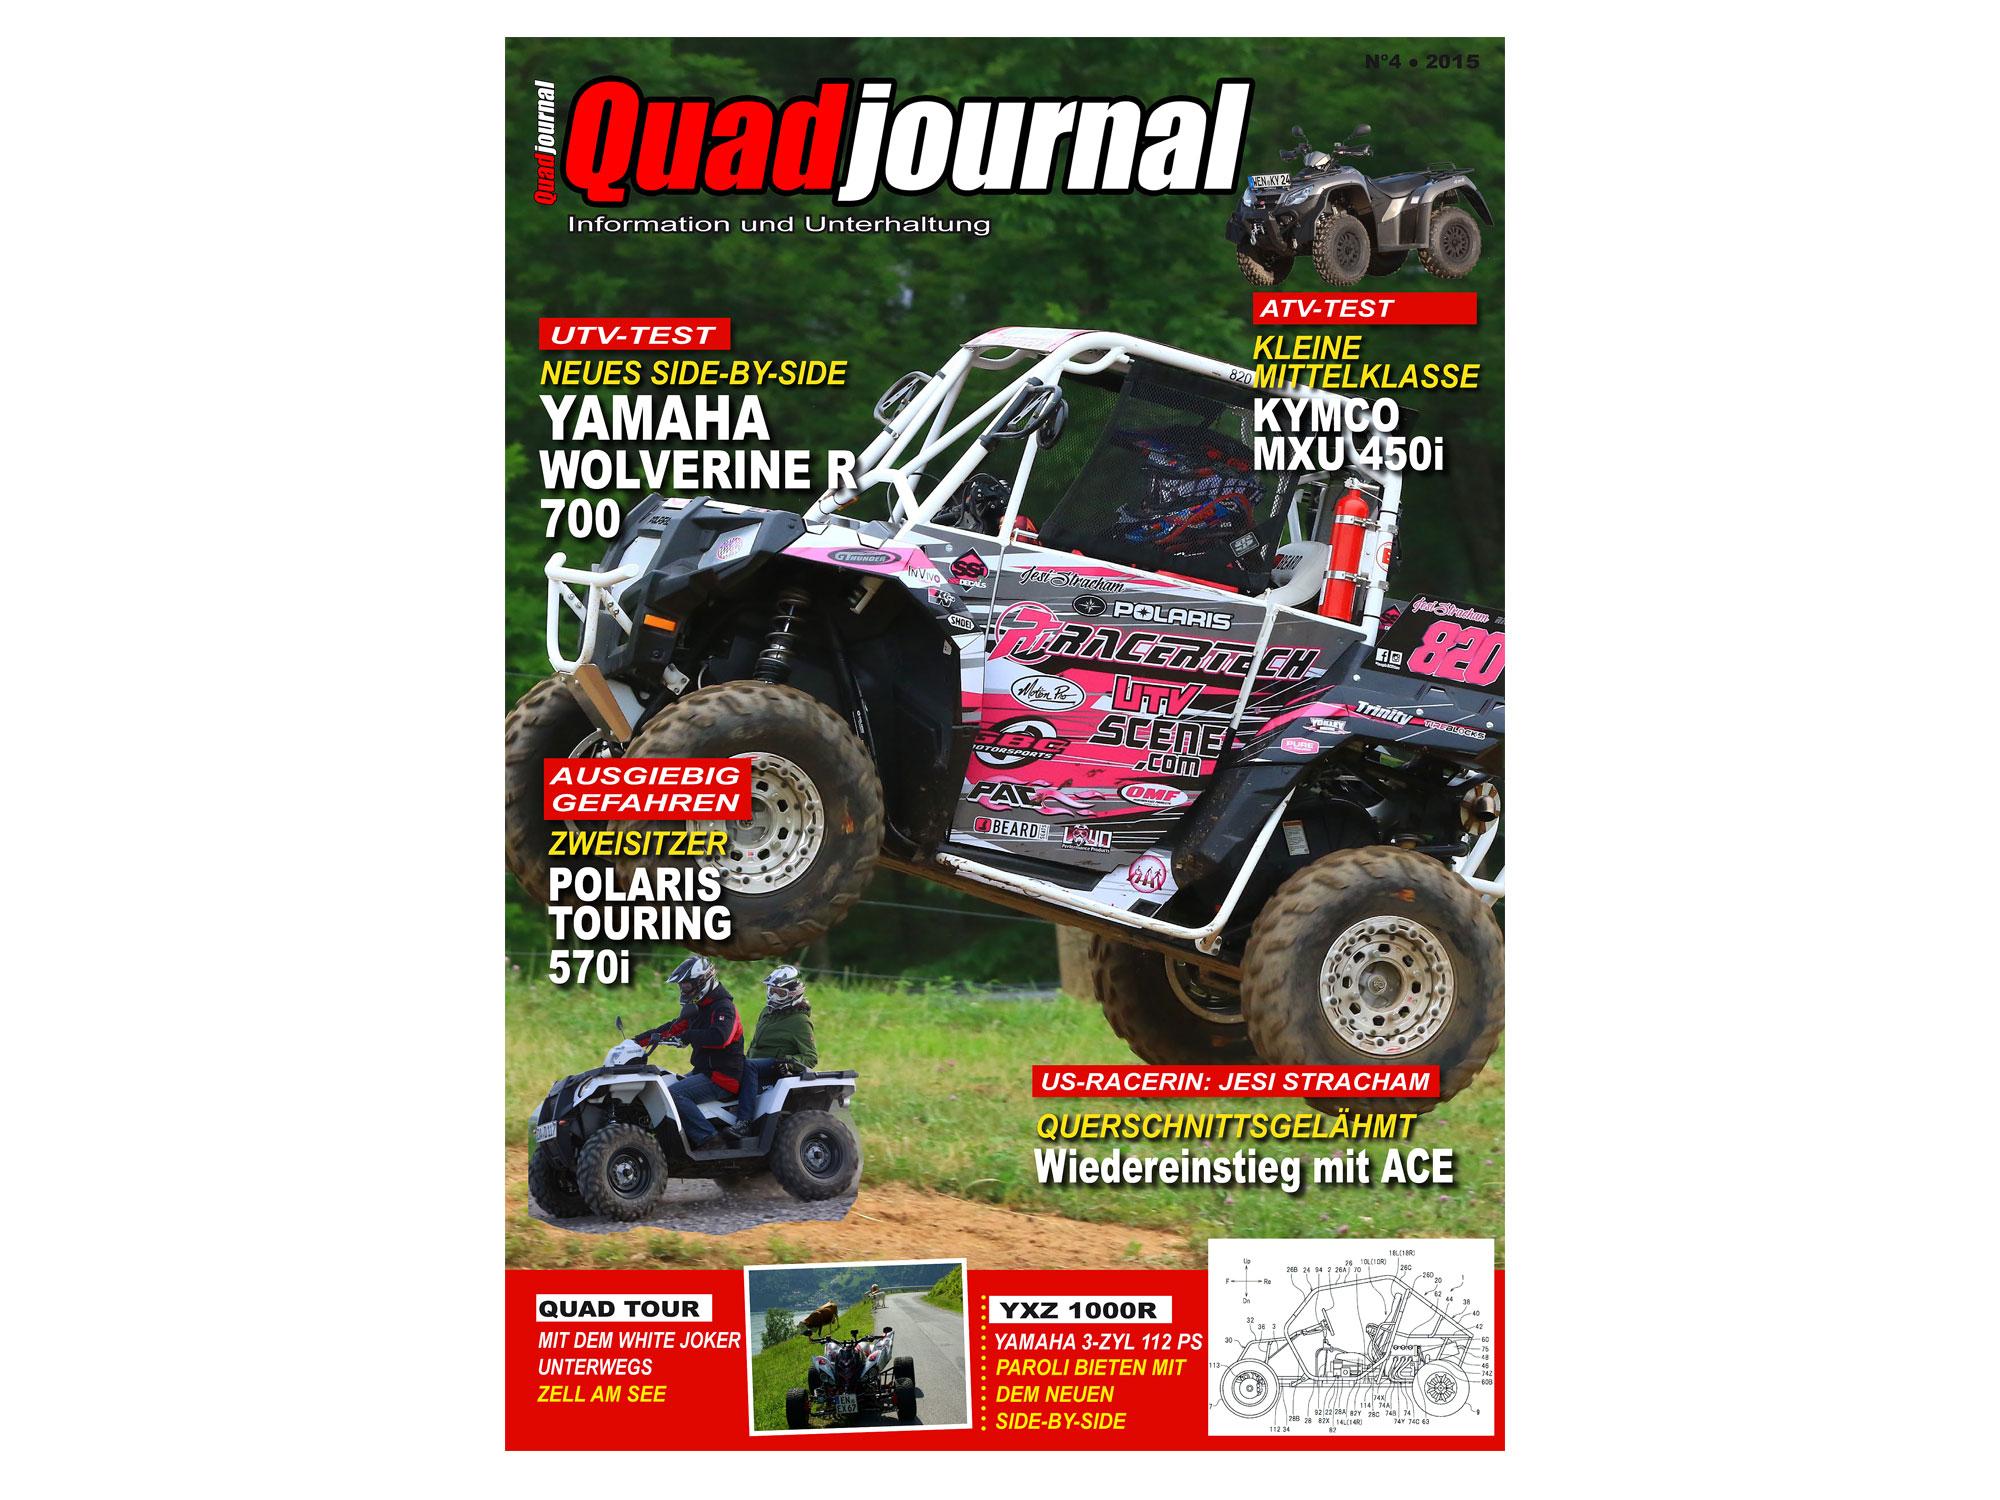 Das neue Quadjournal - liest du schon oder kaufst du noch?